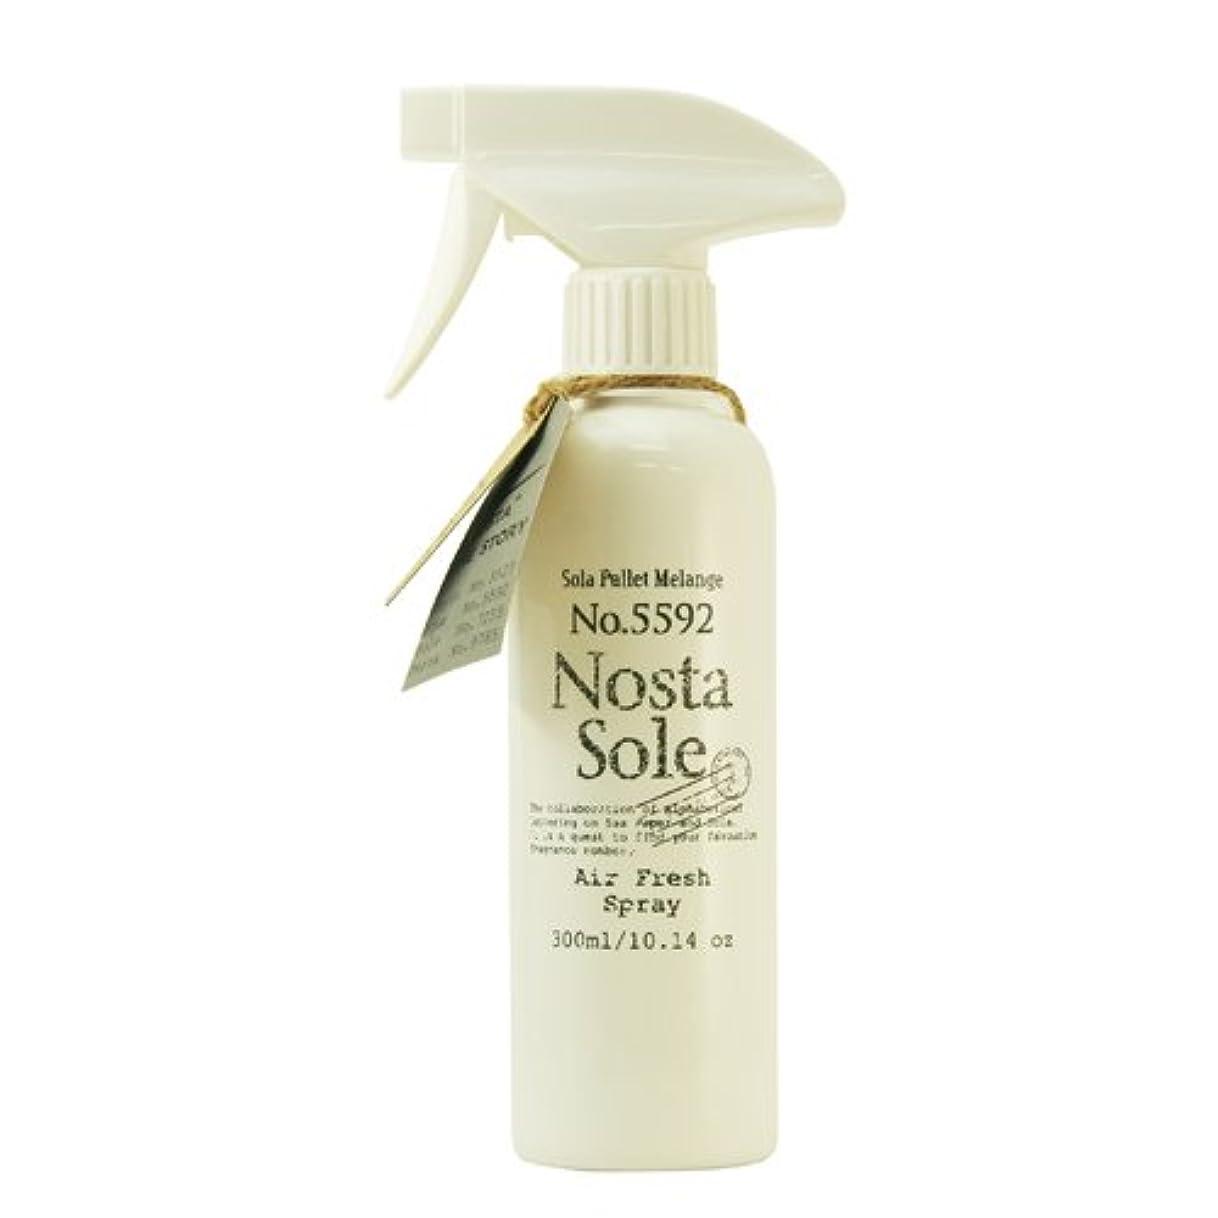 バーストあさりコンソールNosta ノスタ Air Fresh Spray エアーフレッシュスプレー(ルームスプレー)Sole ソーレ / 太陽